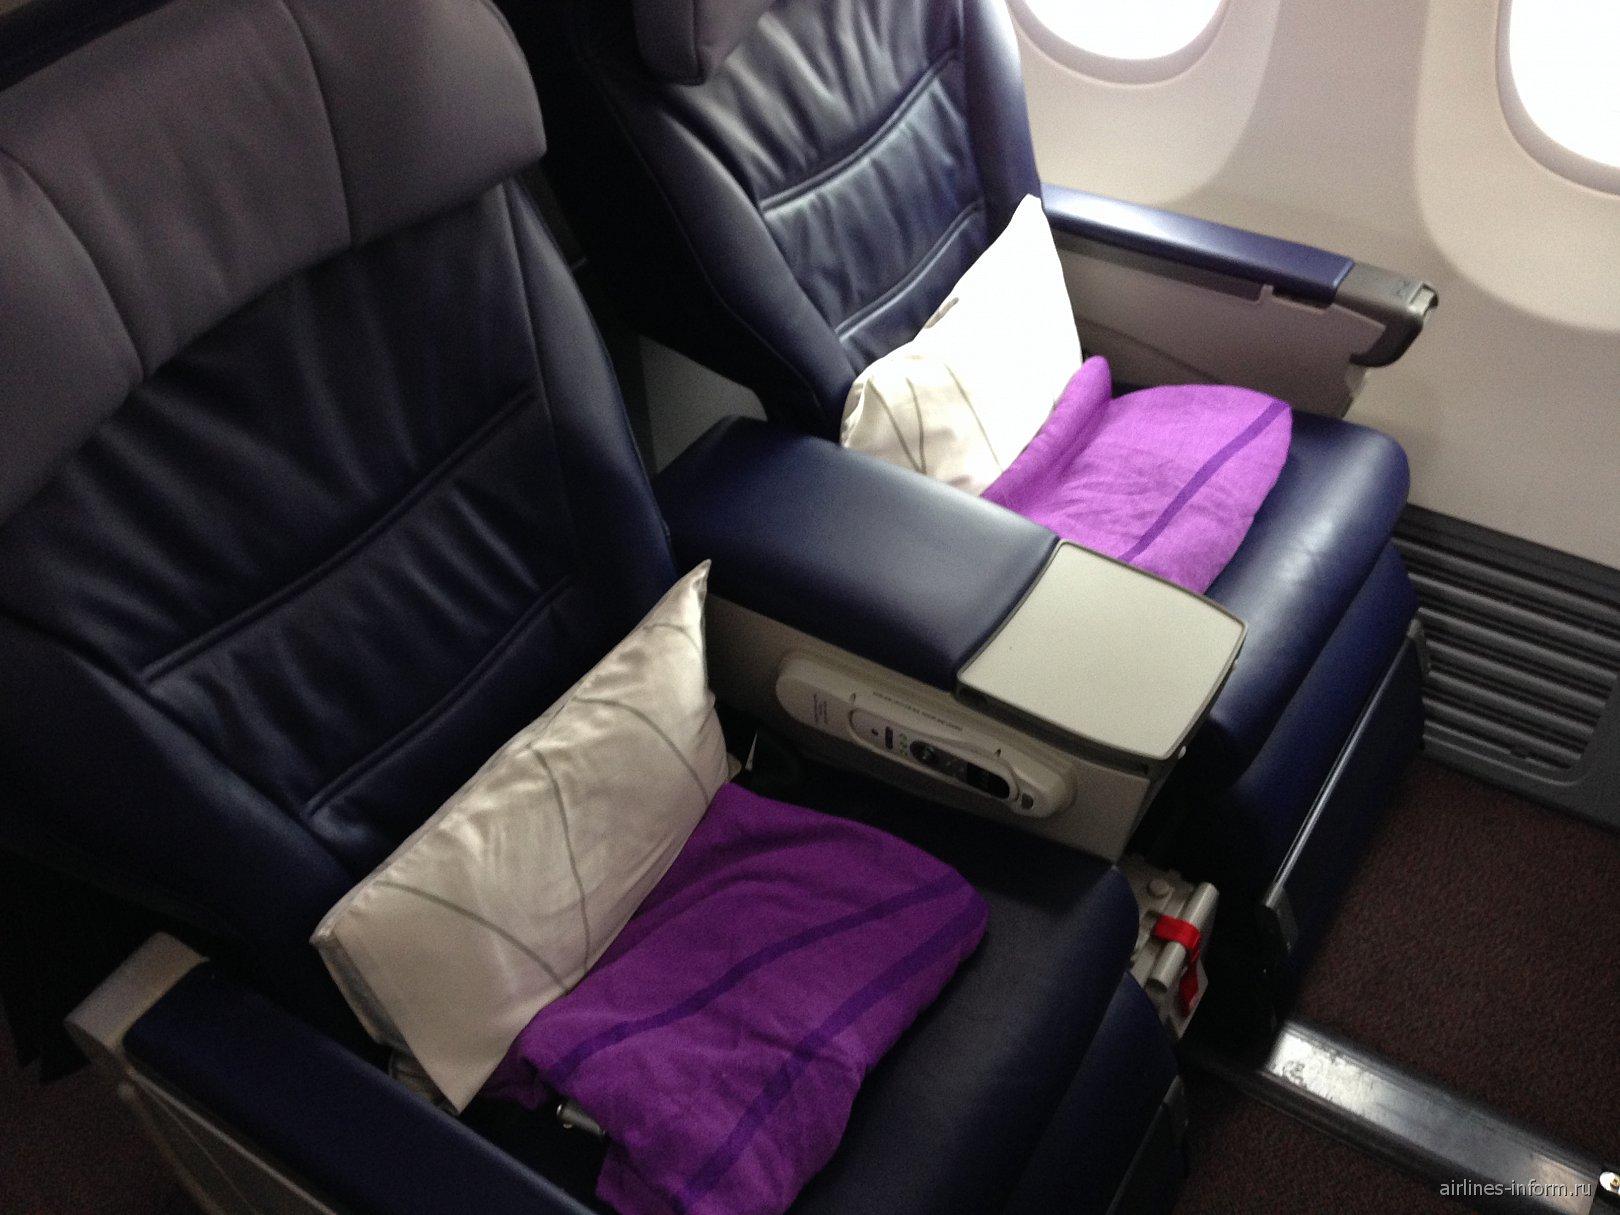 Кресла бизнес-класса в самолете Боинг-737-800 авиакомпании Malaysia Airlines